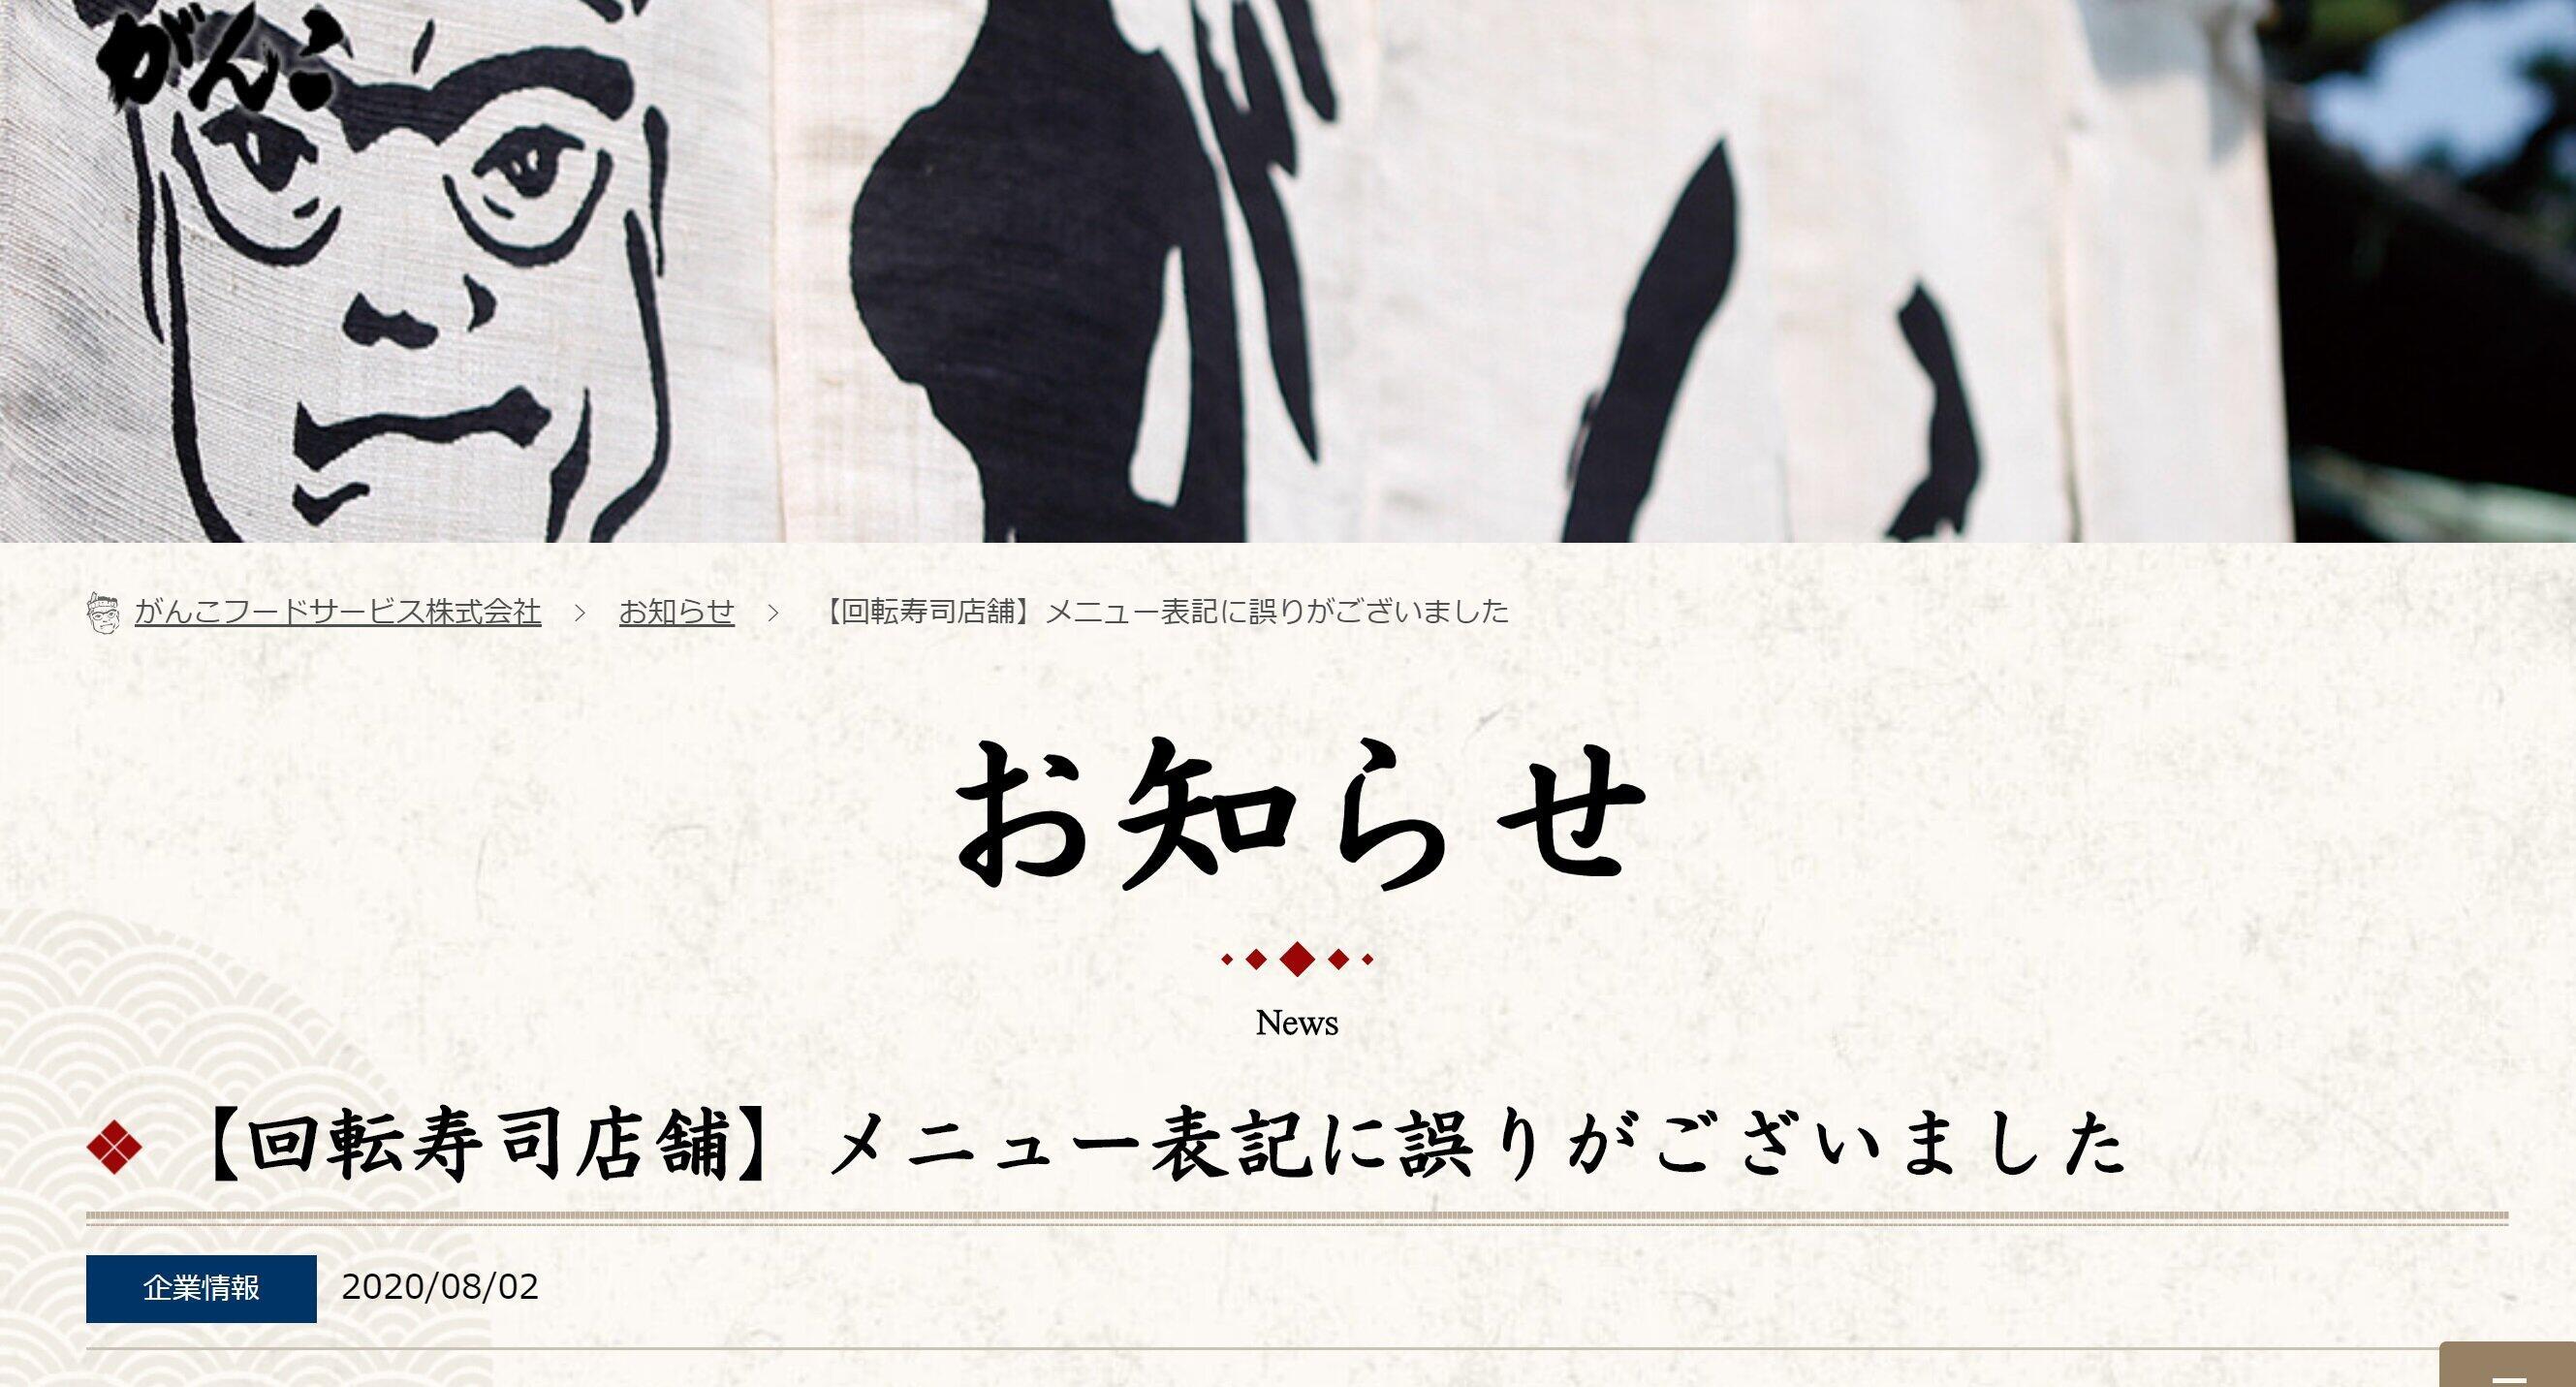 「差別ということはまったくない」回転寿司「がんこ」が釈明 韓国語メニューだけ「水が180円」で騒動...真相は?